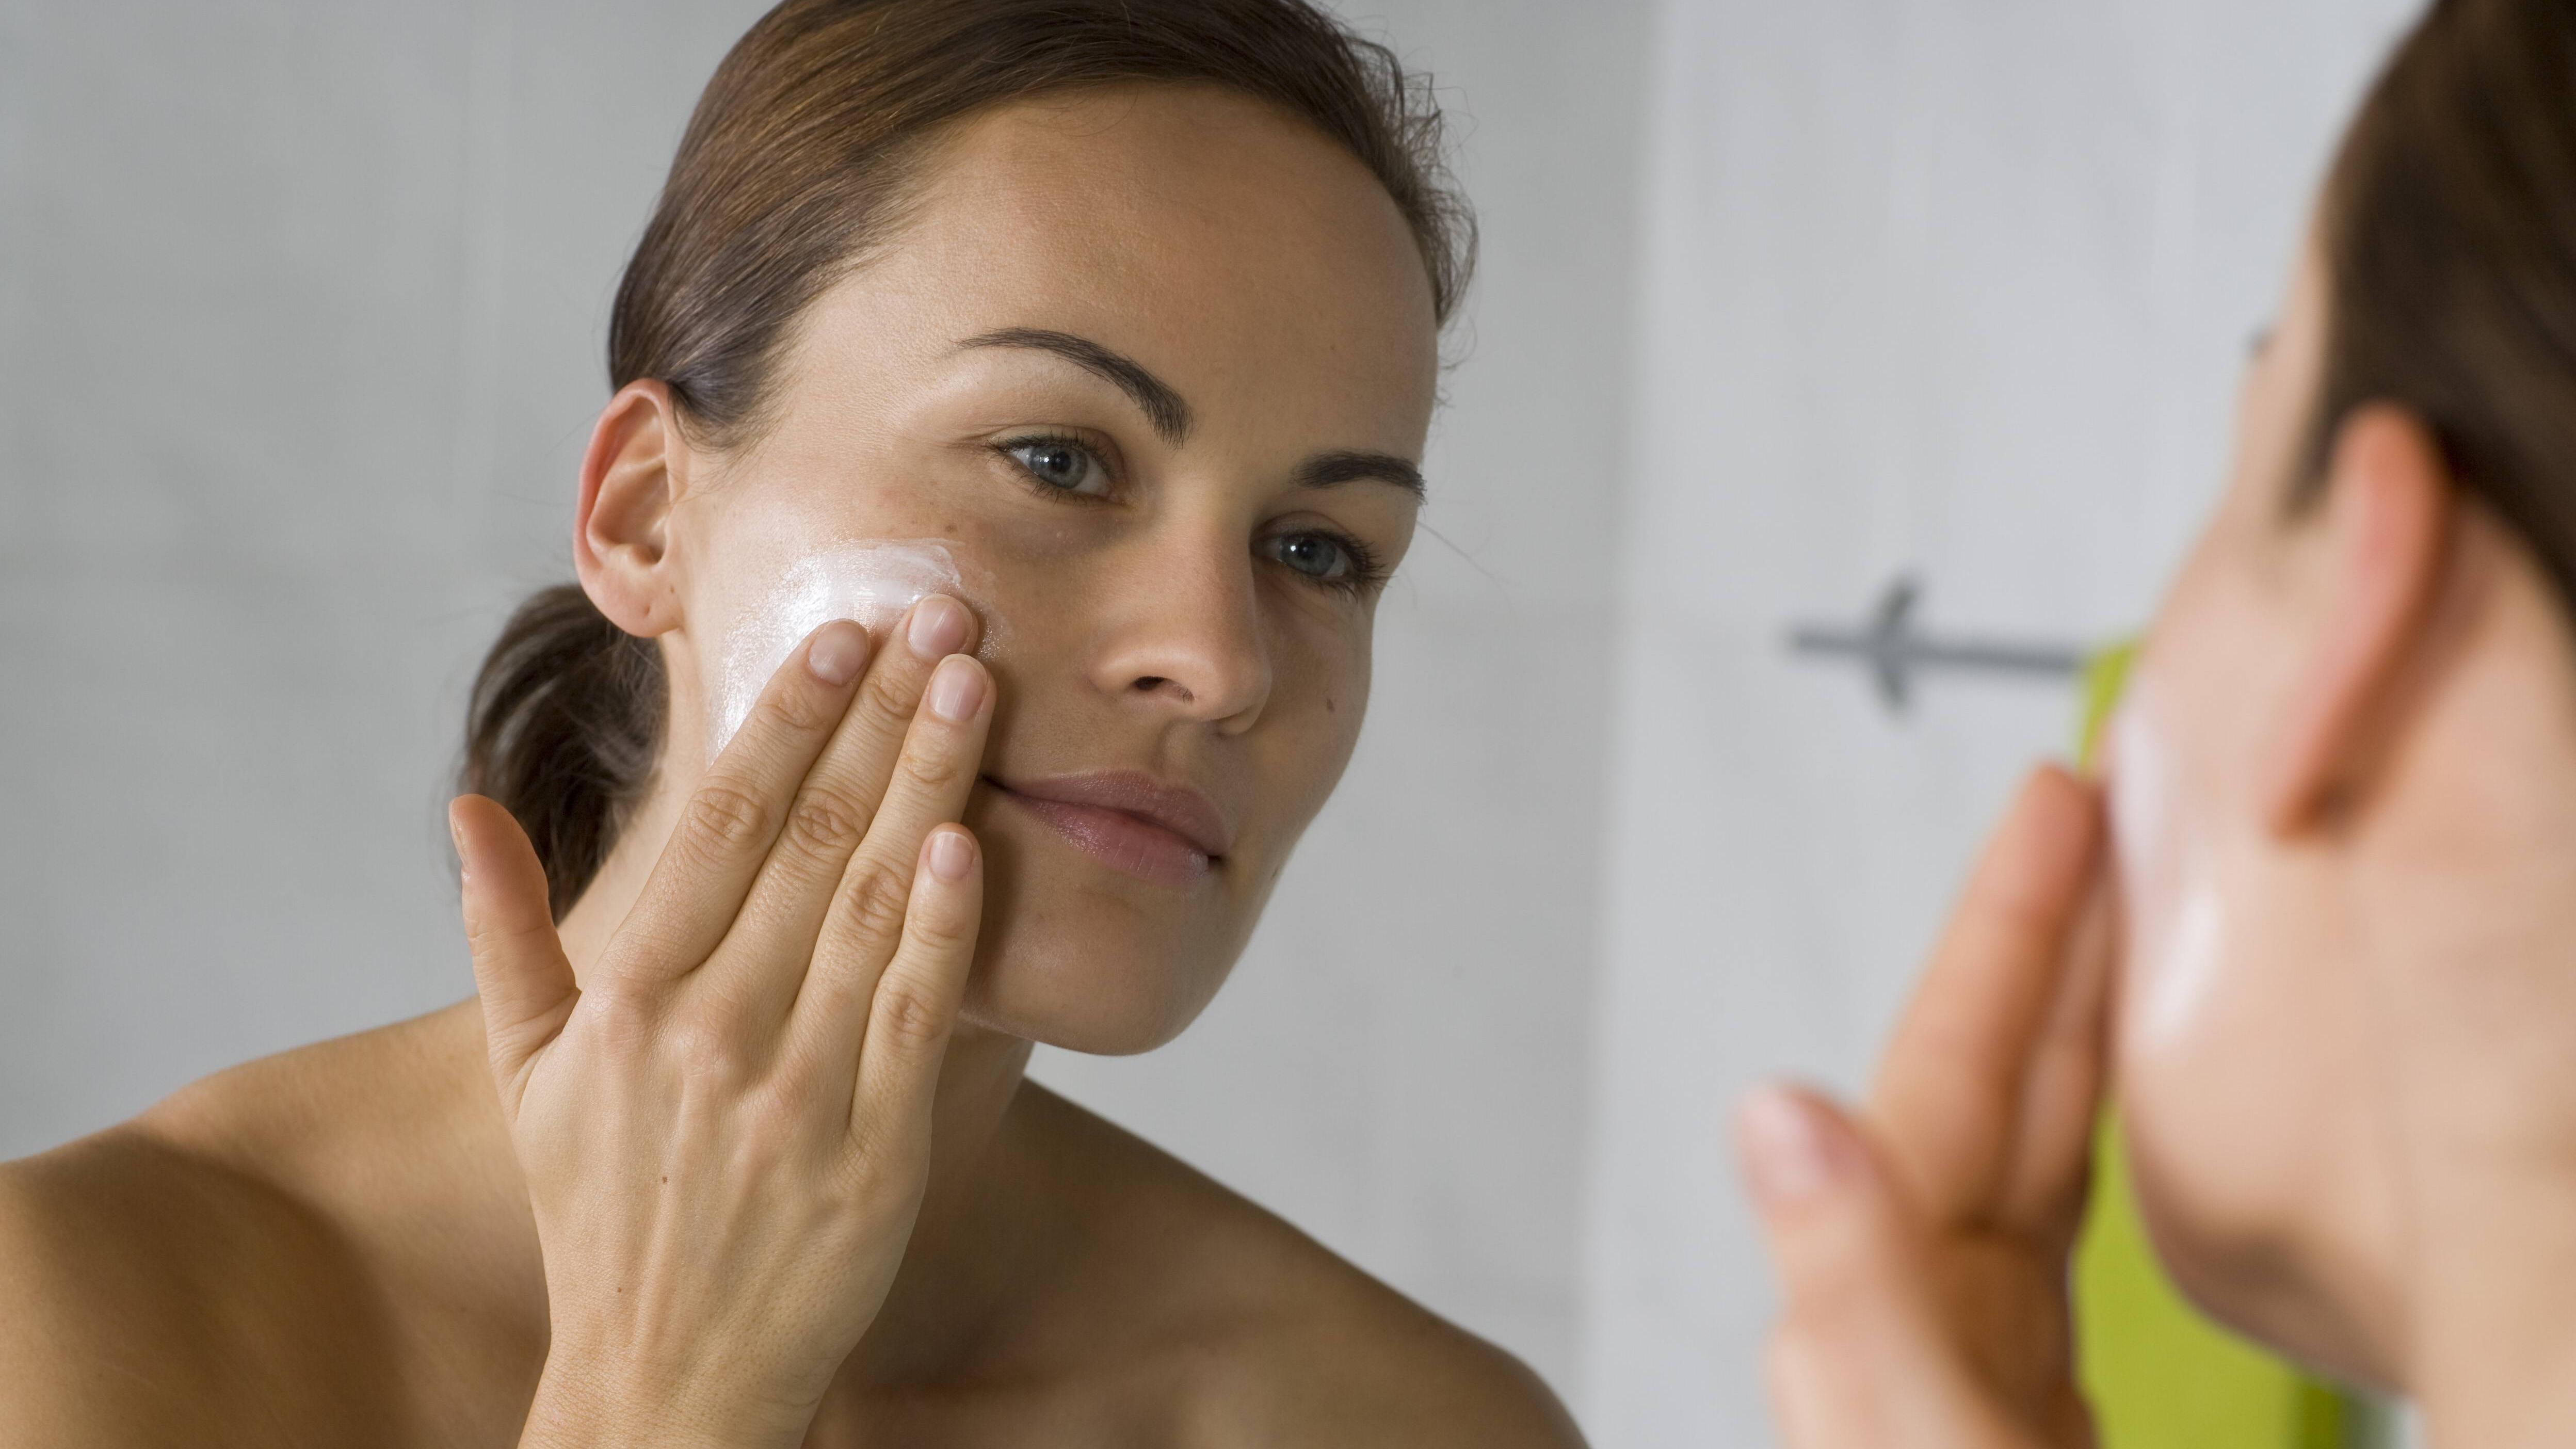 Regelmäßige Pflege fördert die Durchblutung und verbessert das Hautbild.